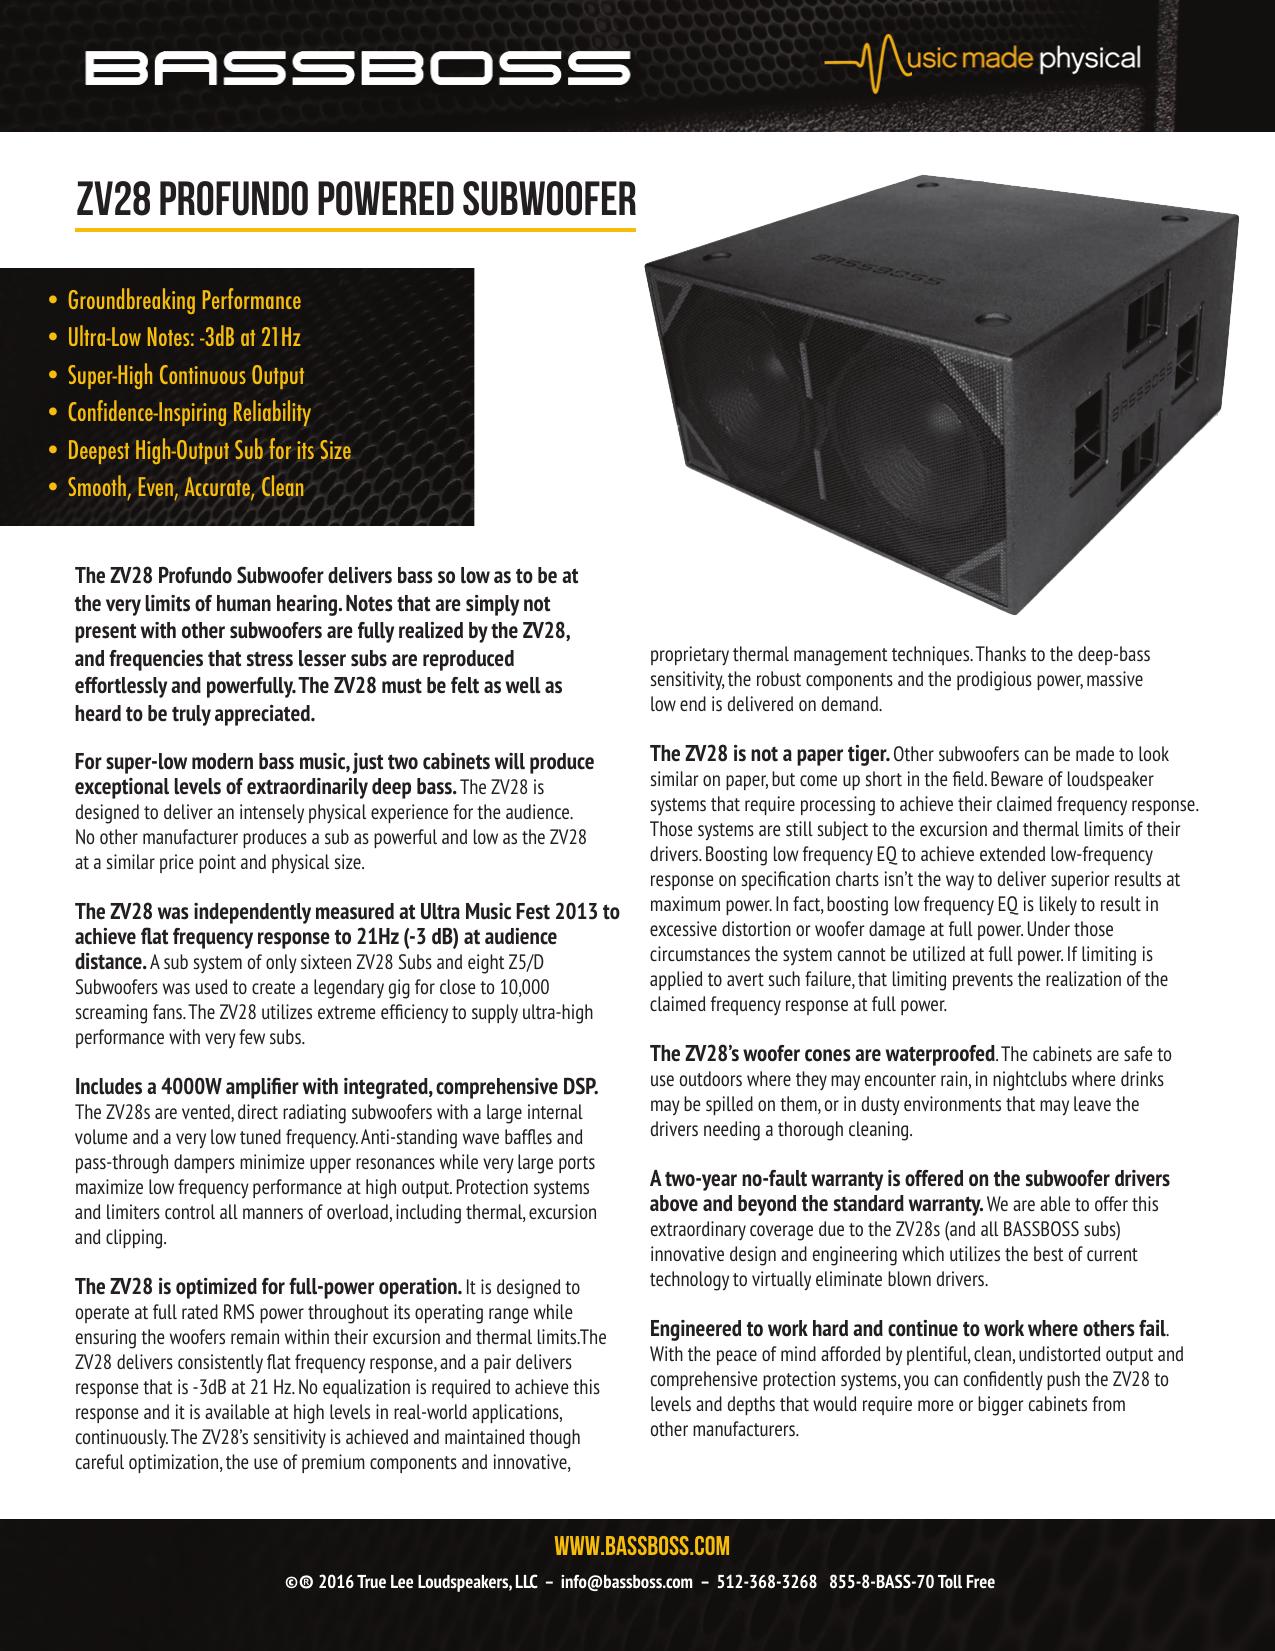 BASSBOSS ZV28 Powered Subwoofer Cutsheet | manualzz com